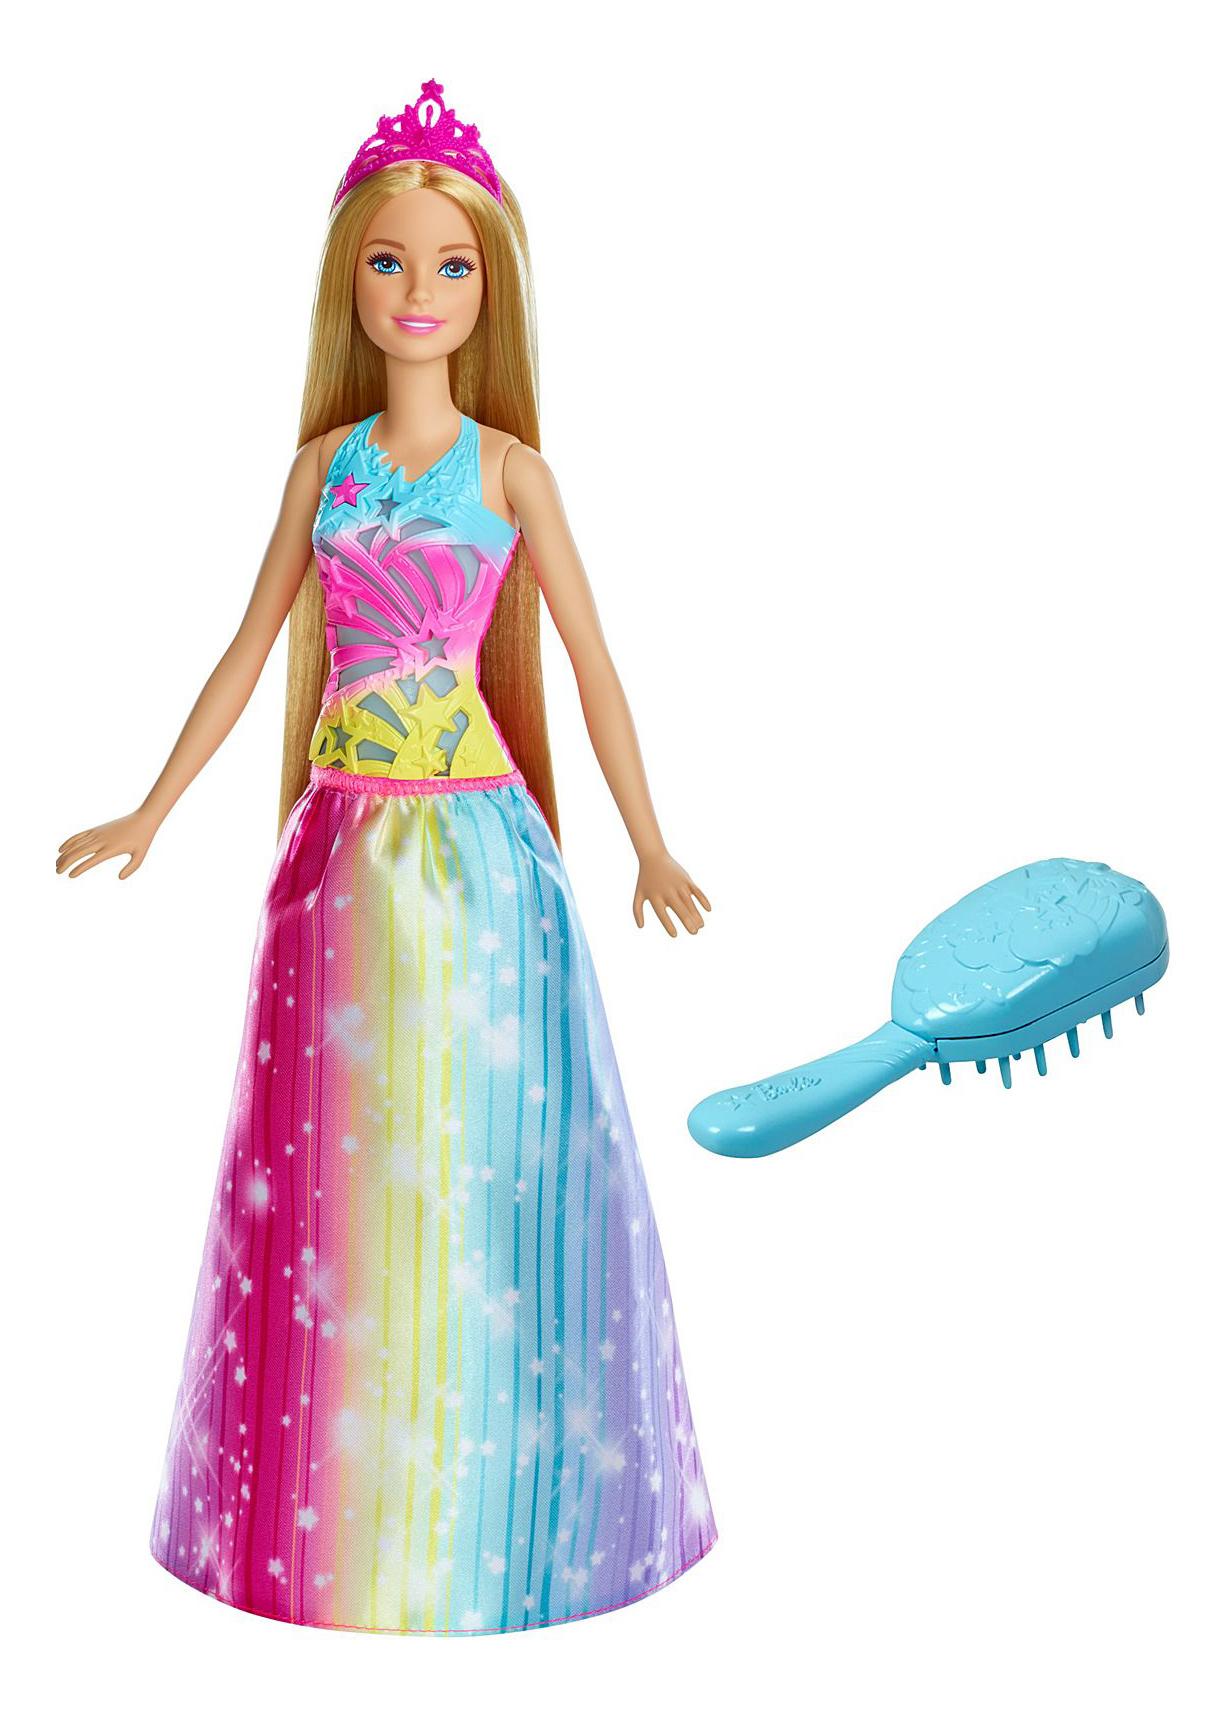 Купить Кукла Barbie Принцесса Радужной бухты, Куклы Barbie